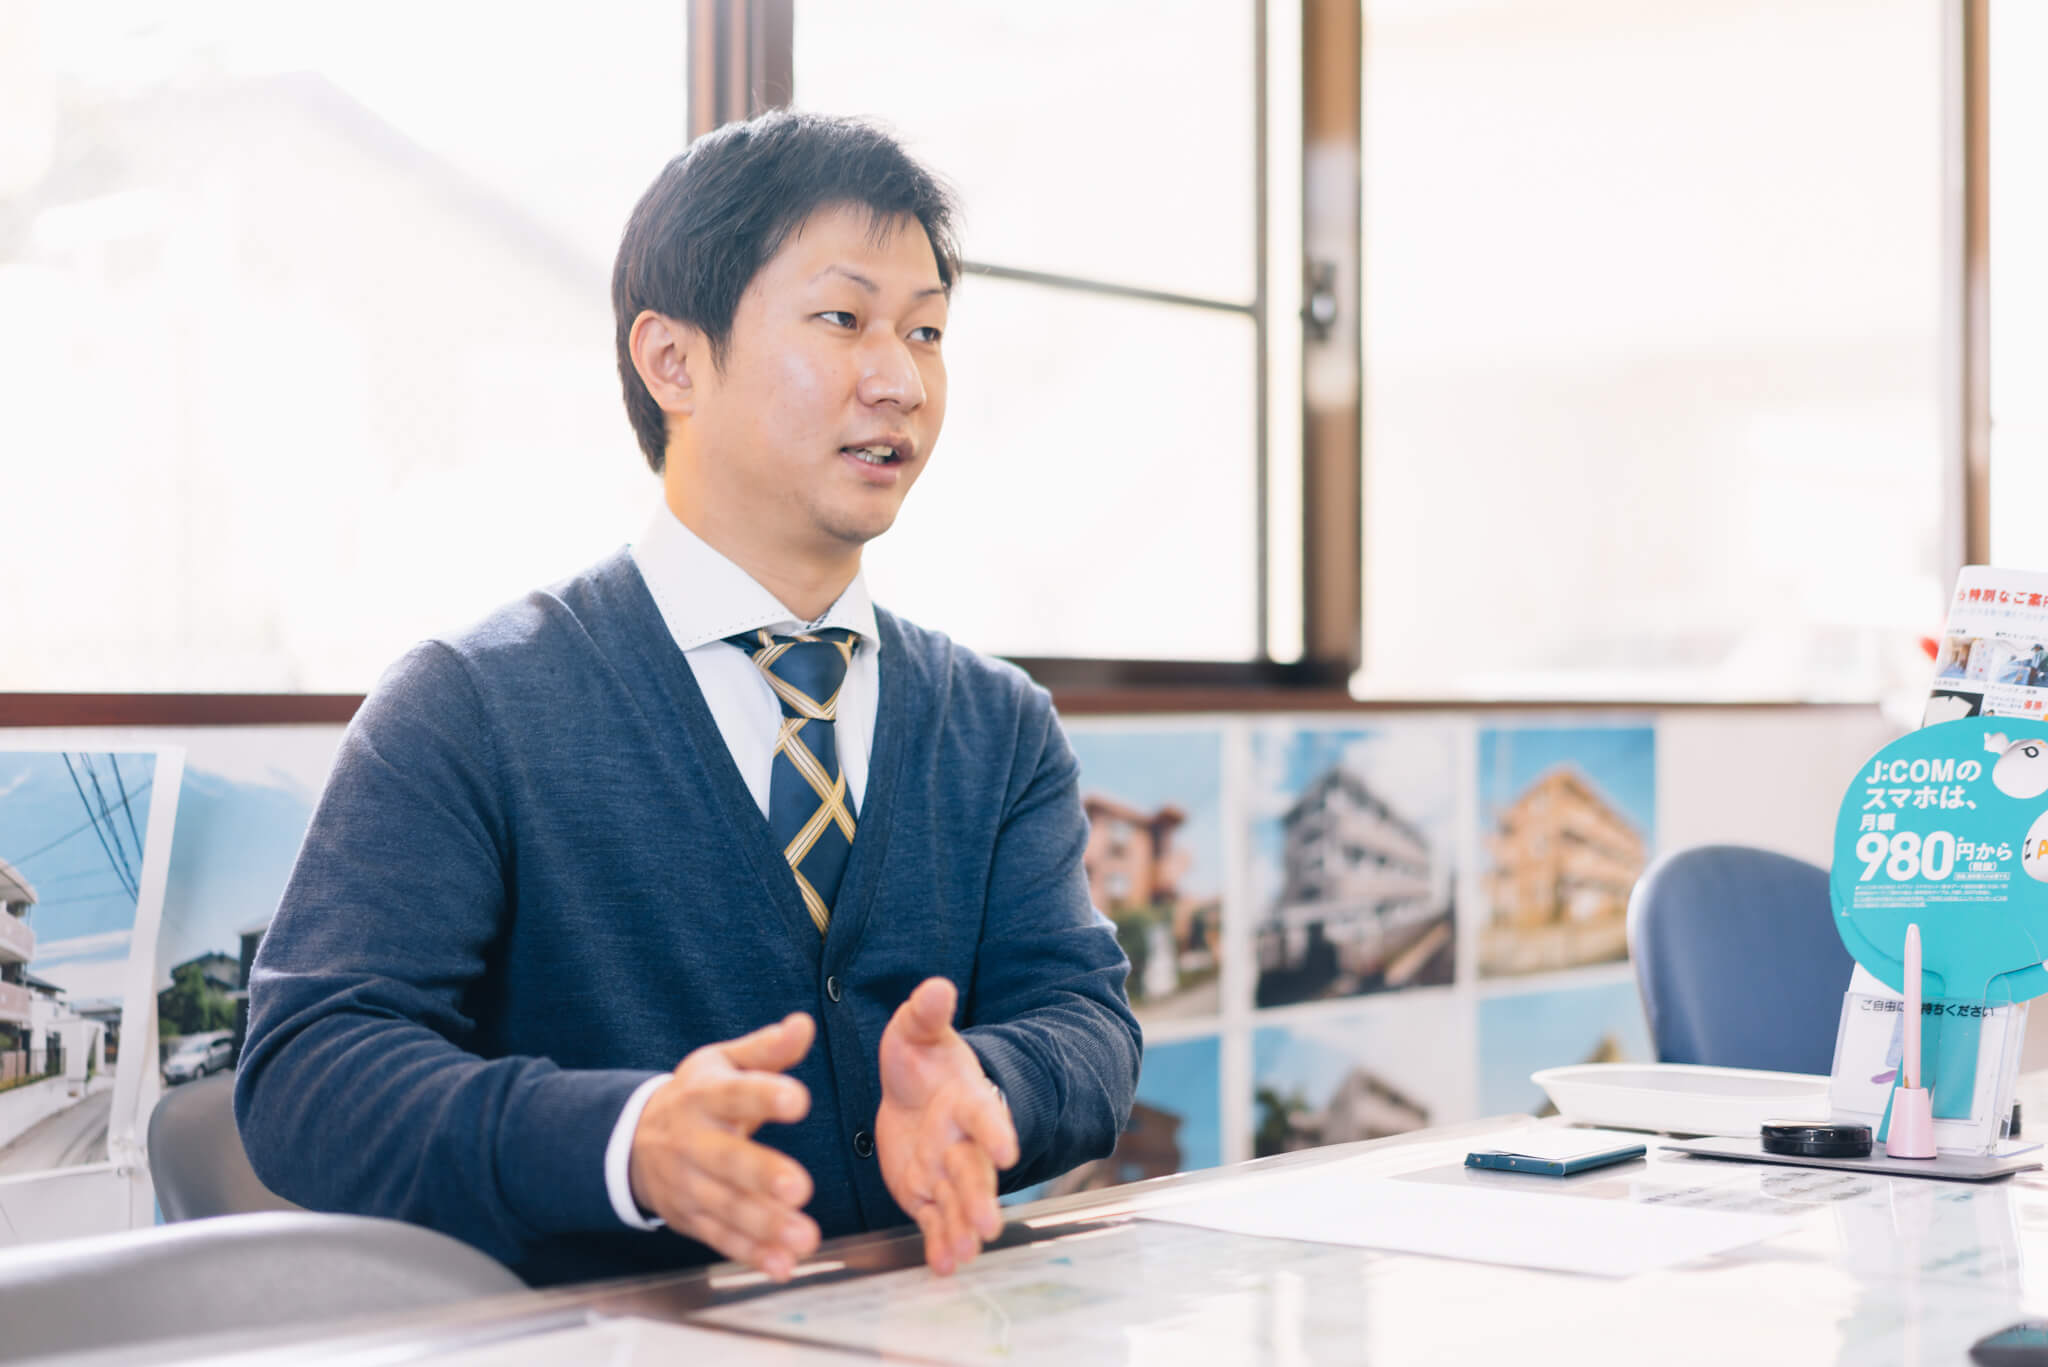 「入居者様のニーズをできるだけ汲み取って、それに近いものをご紹介したいと思っています」とお話をしてくださったのは、男性スタッフの井村さんです。